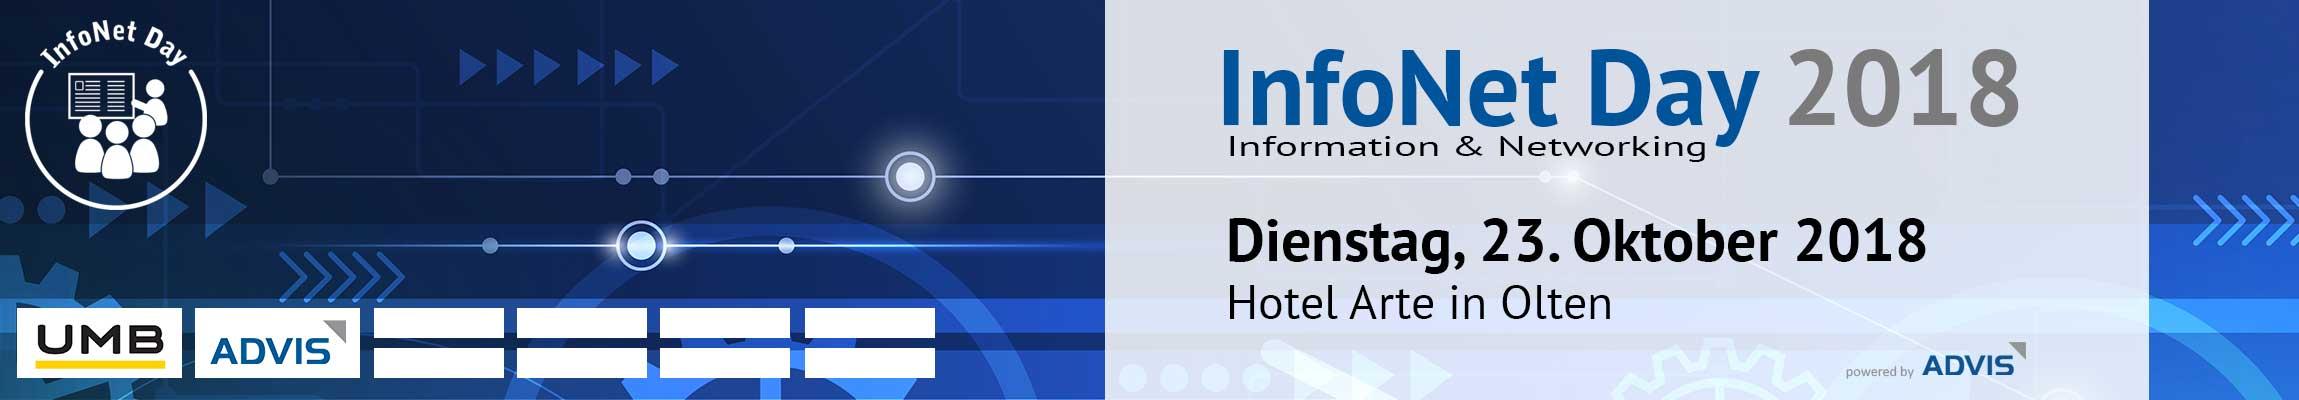 InfoNet Day 2017